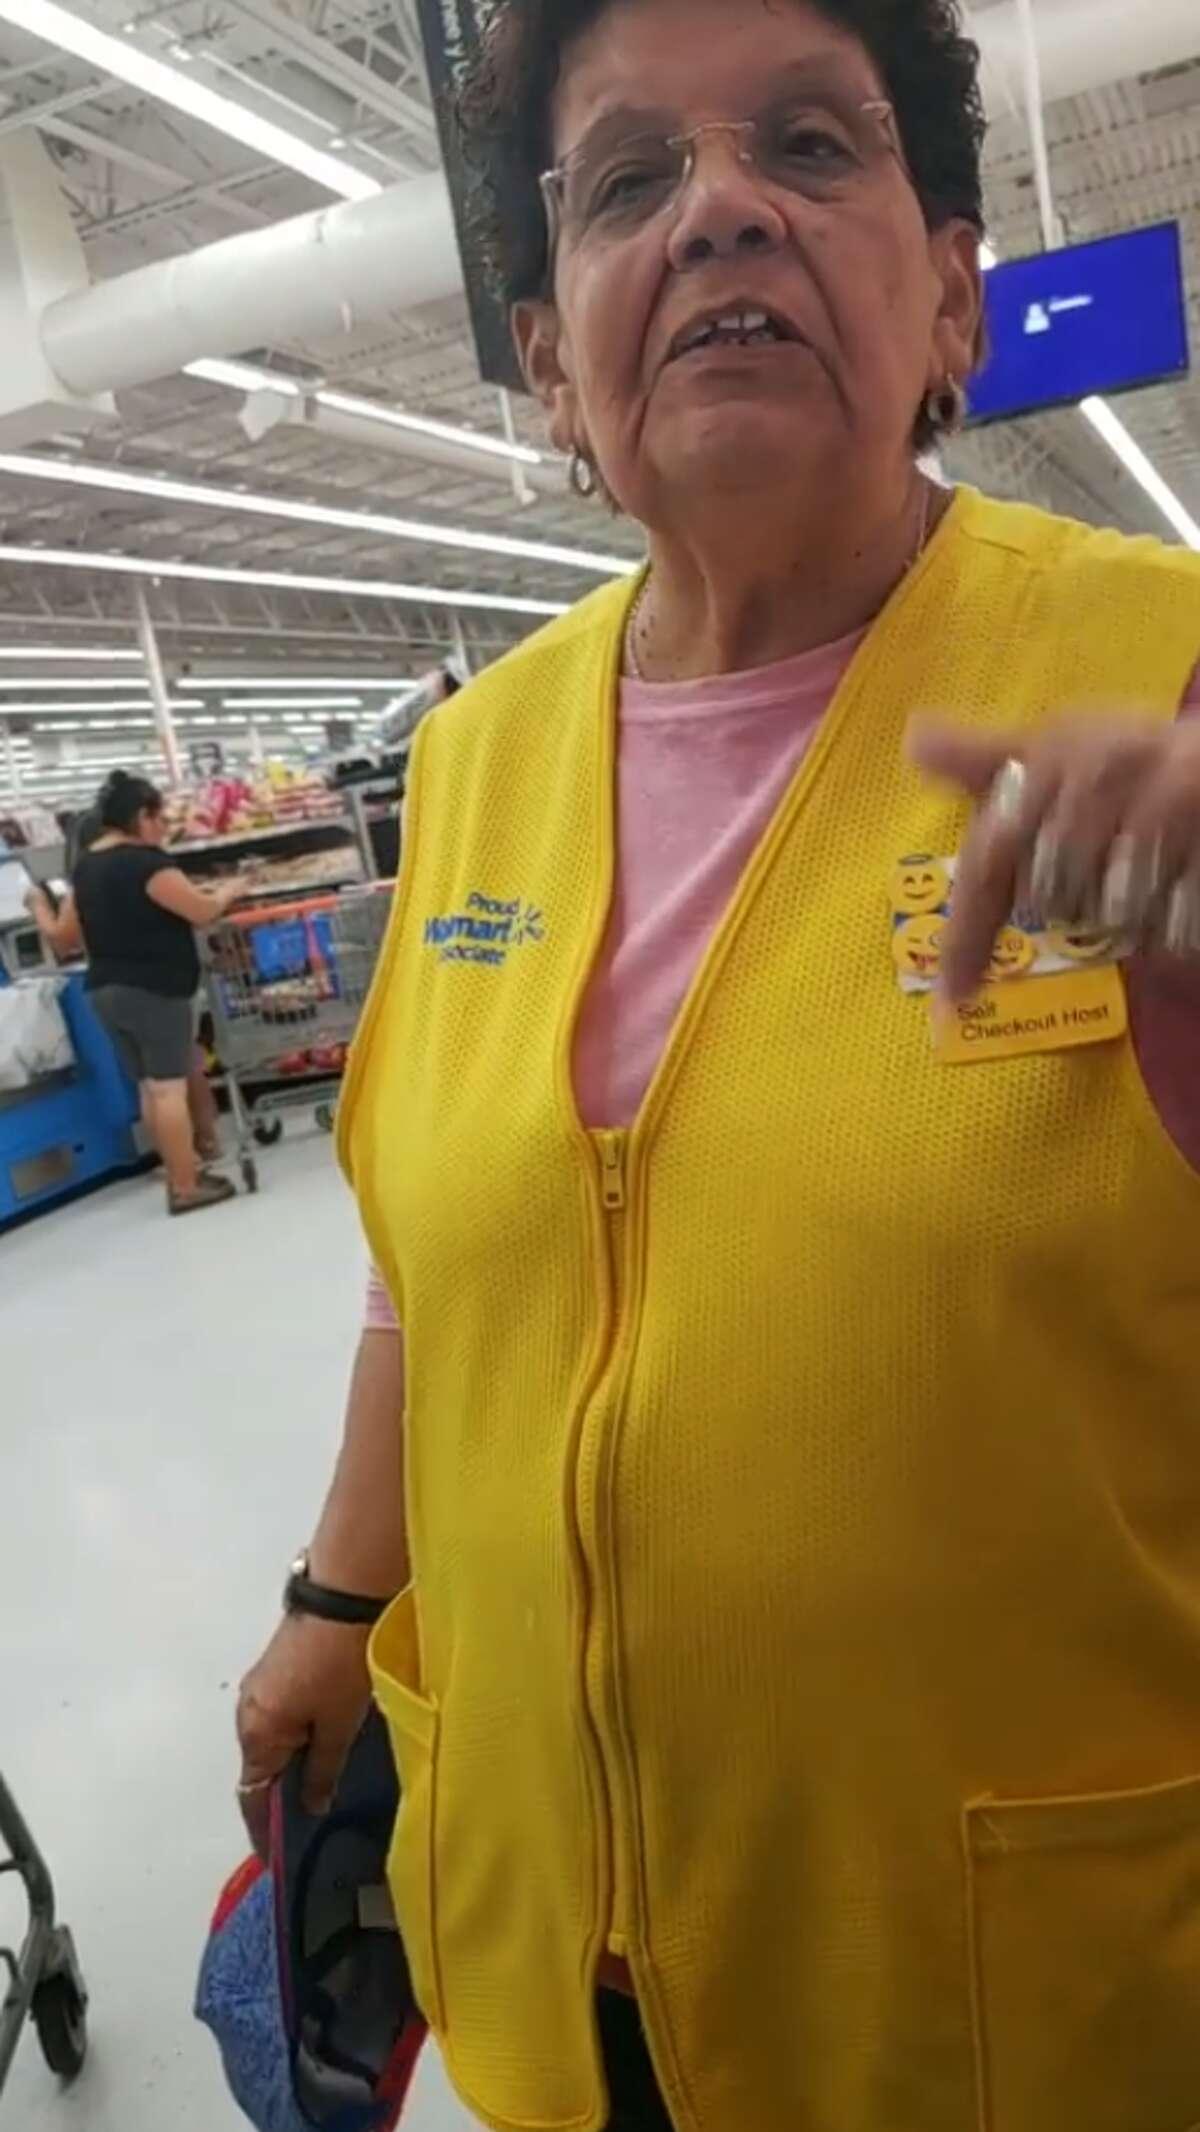 A Houston man said a Walmart employee told him to speakEnglish.